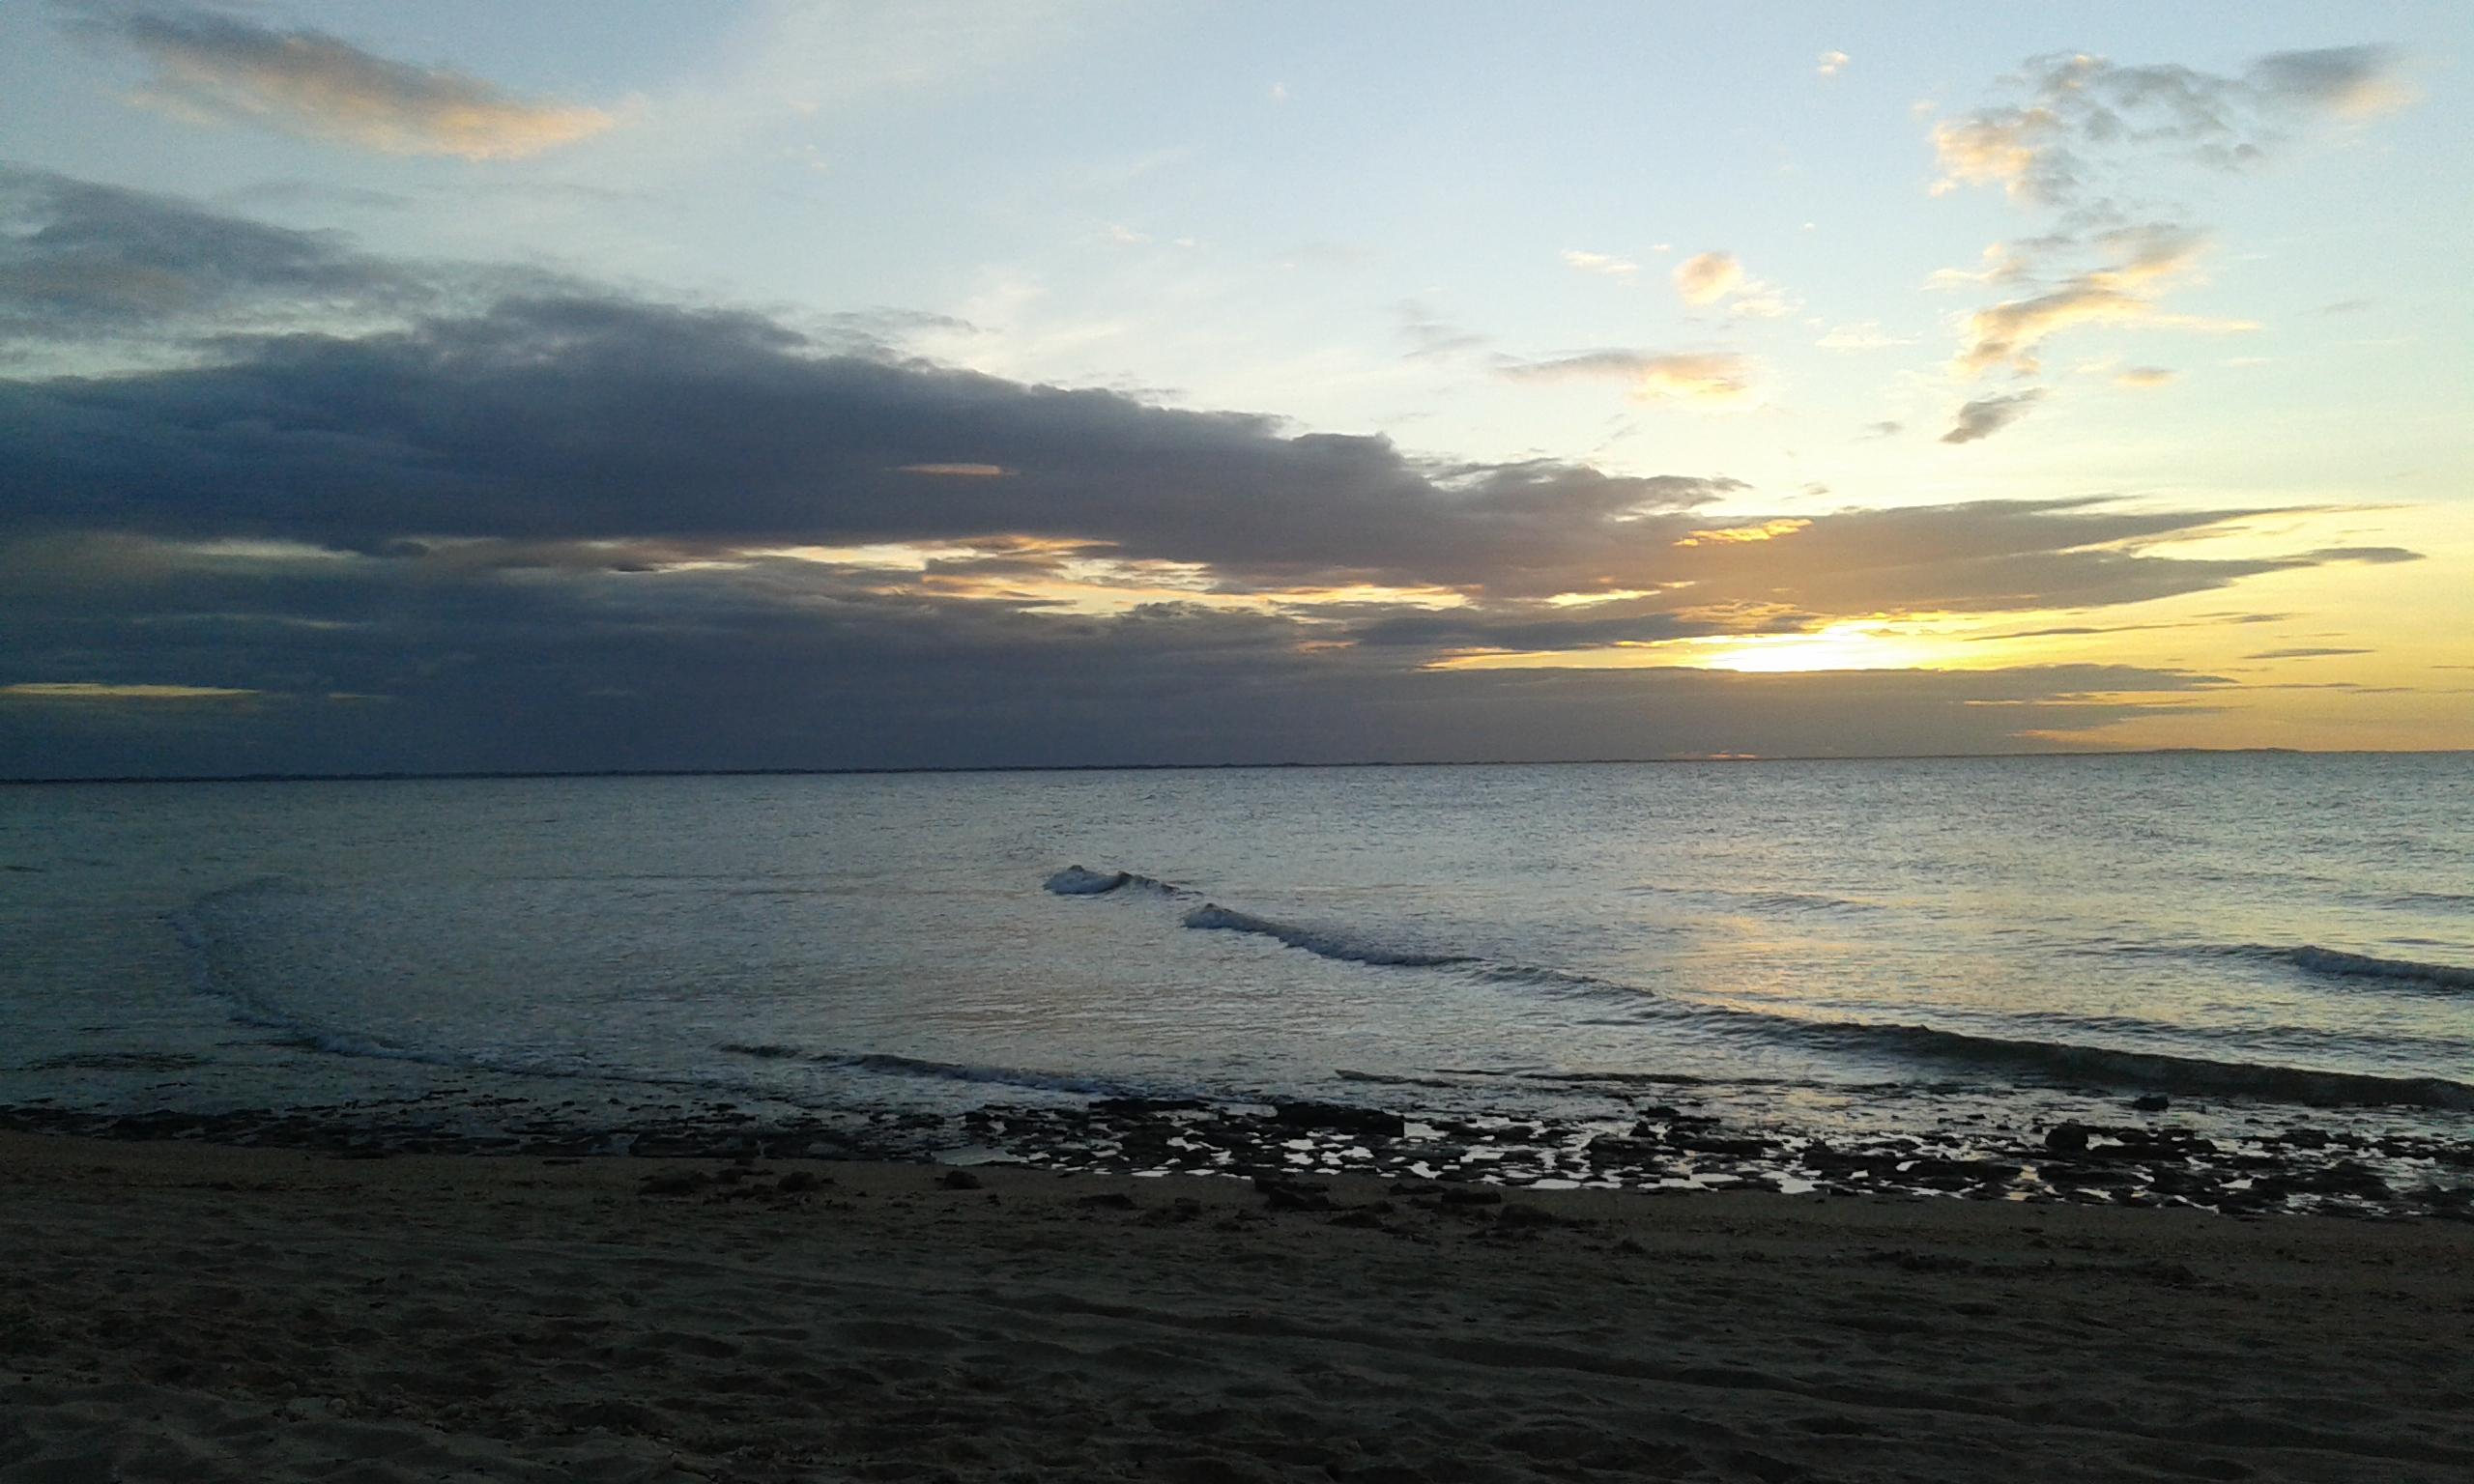 Le couché du soleil à la plage d'Upanema à Areia Branca.(Crédit photo: Fabio Santana).